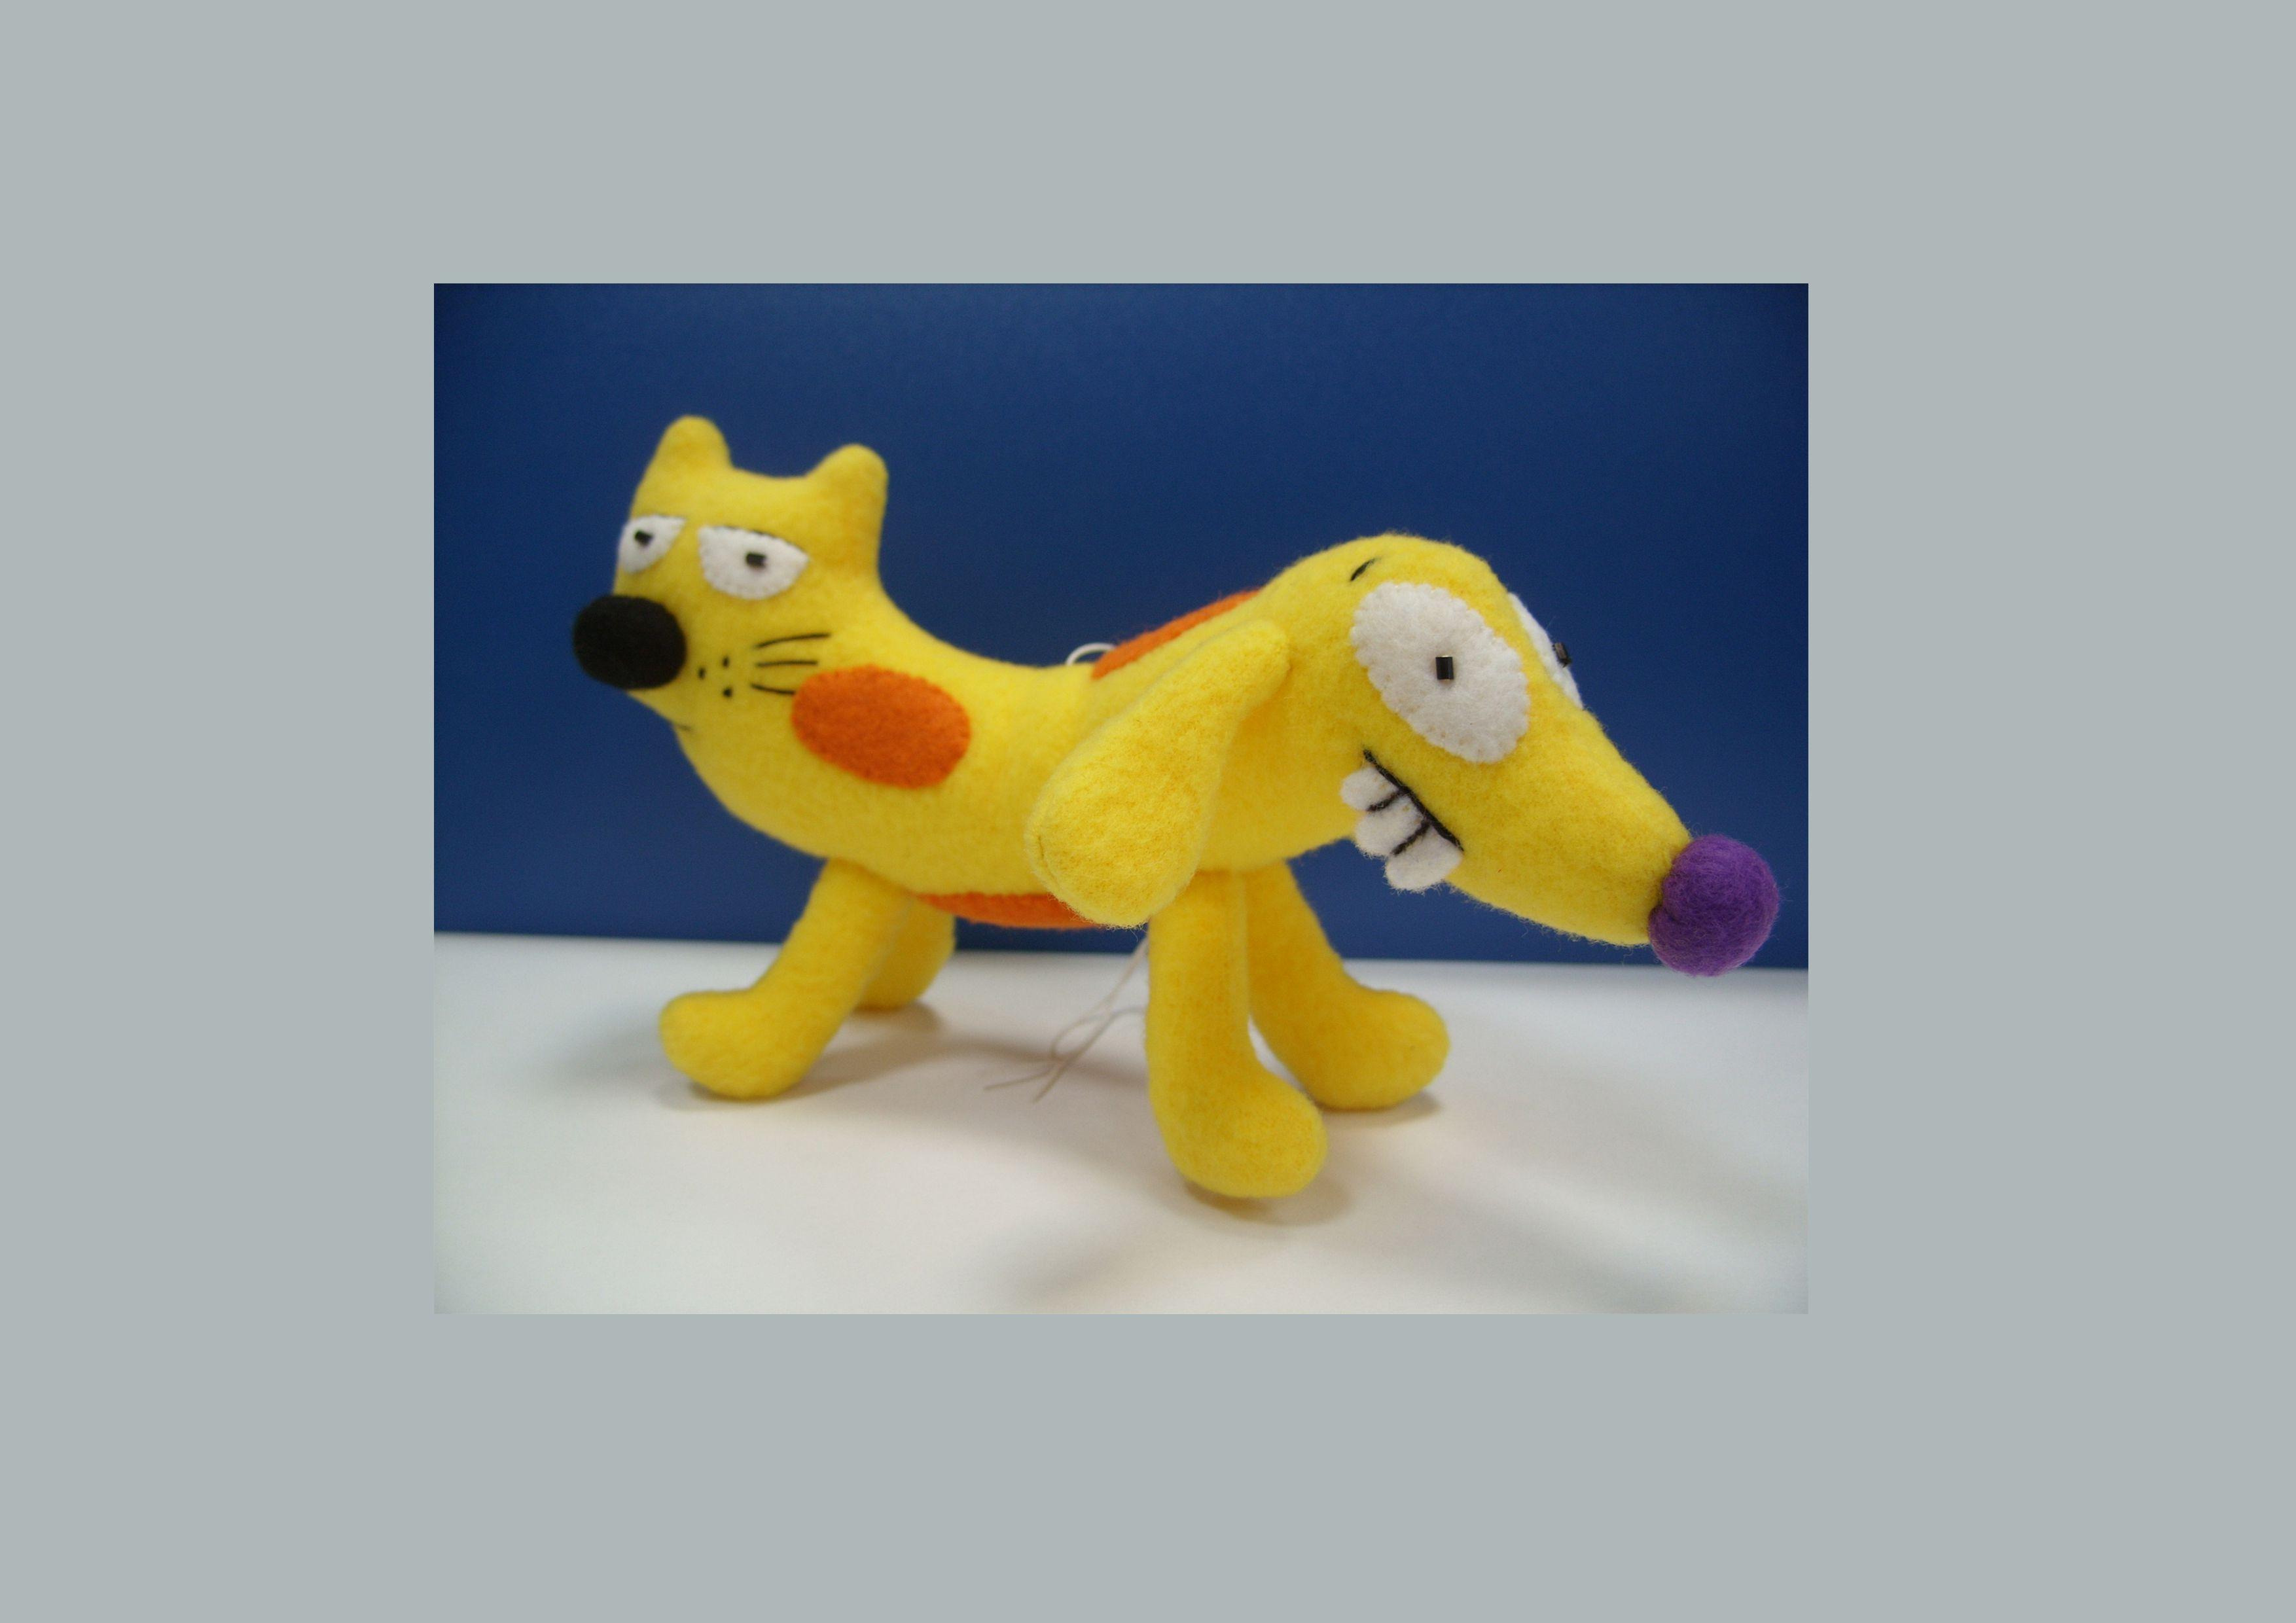 игрушканаавто наприсоске подарок котопес мягкаяигрушка